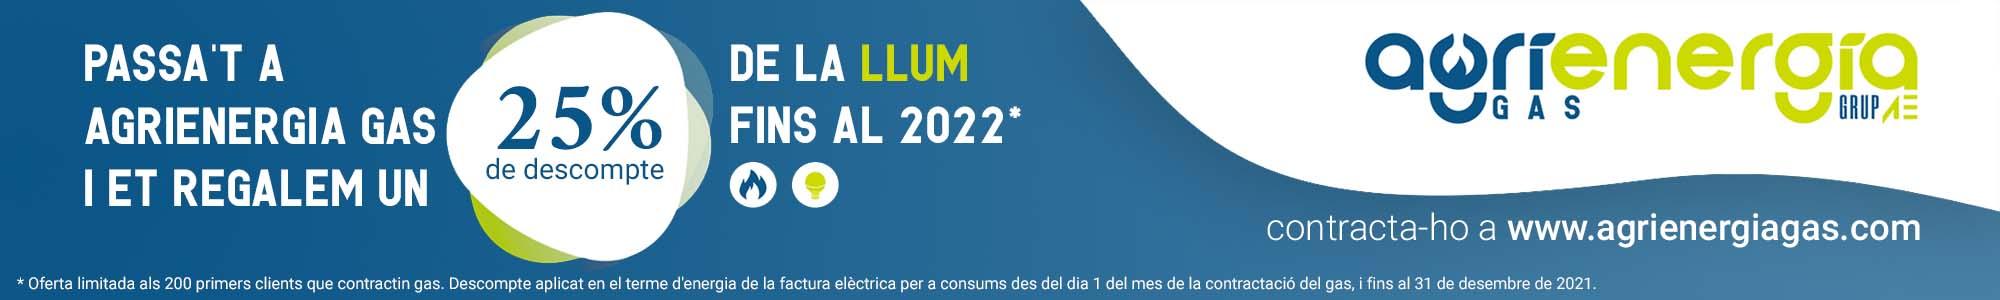 Agrienergia Gas promo octubre 2021